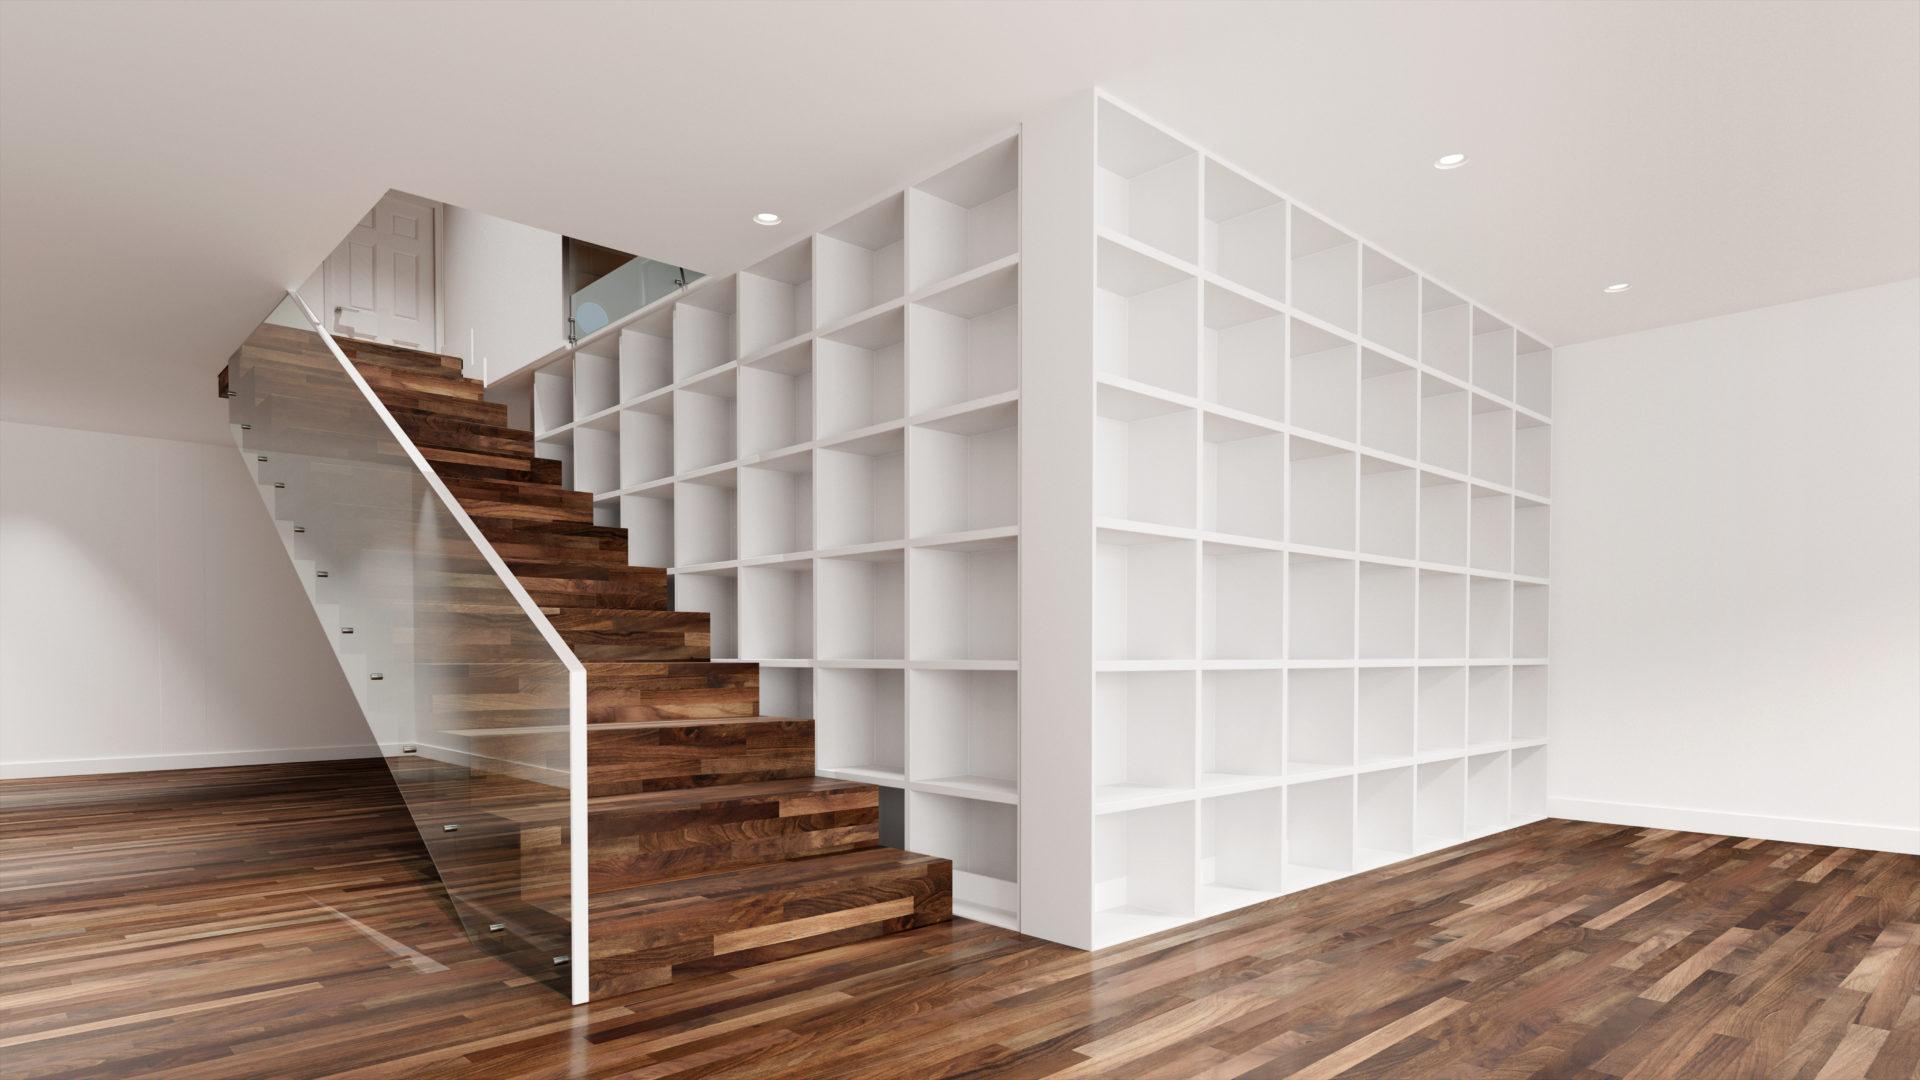 schrank unter treppe kaufen   mit etagenbett free knaus sdwind mit